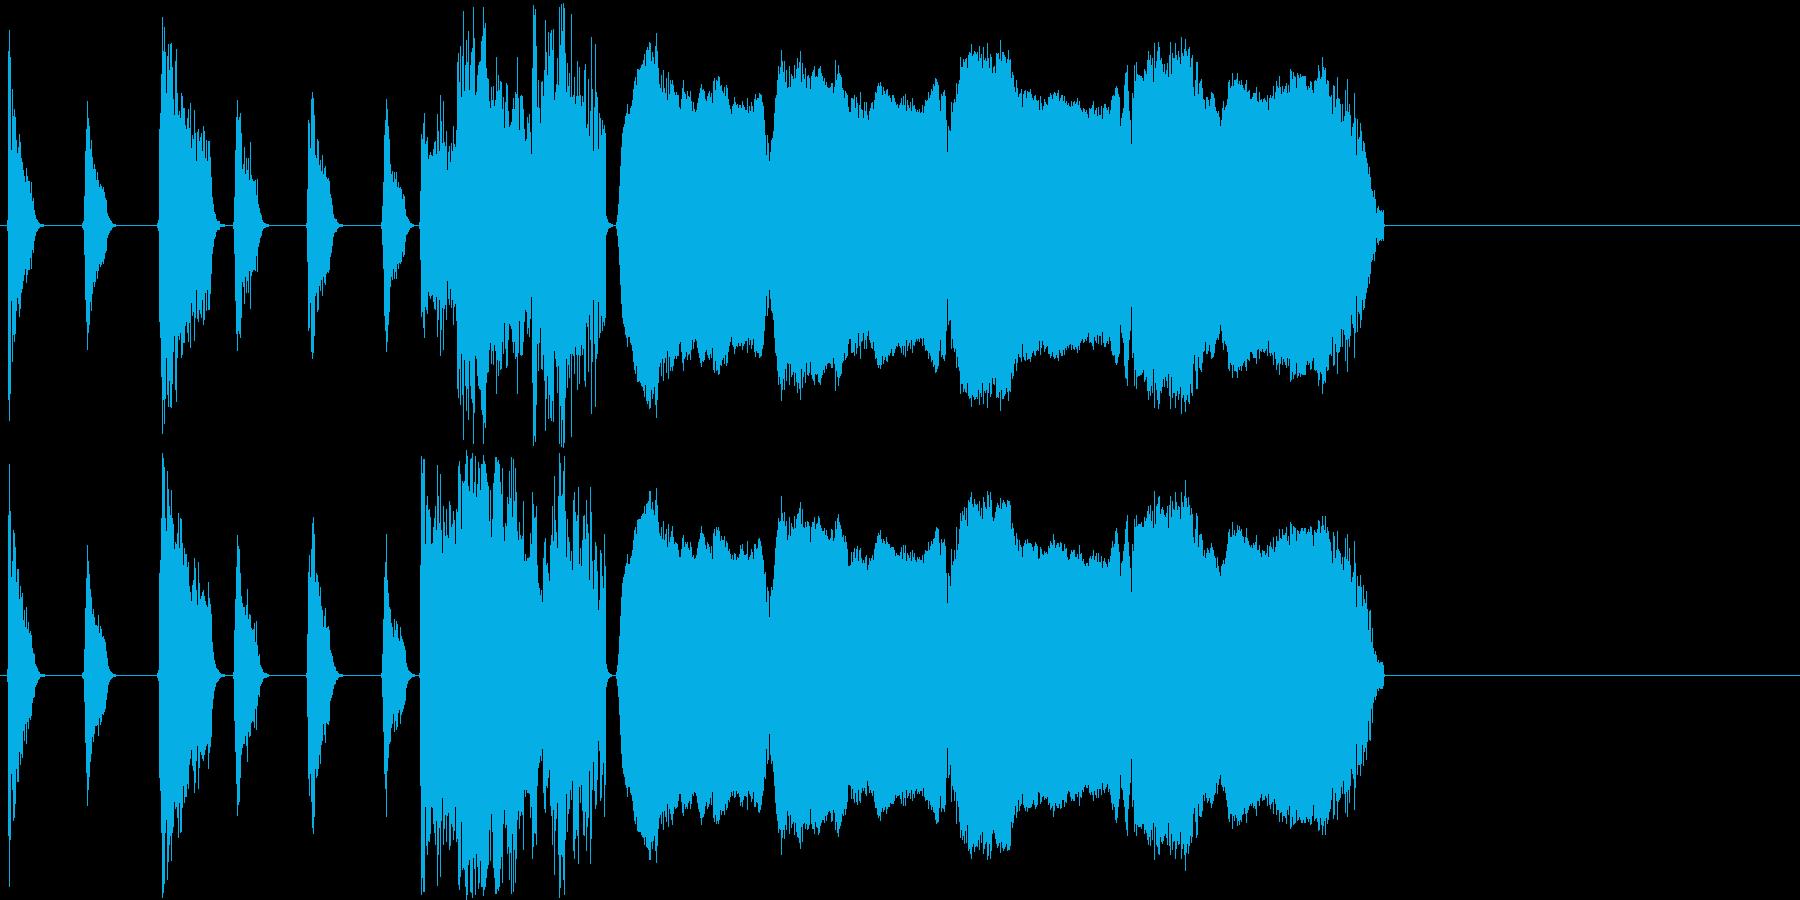 【パワフル/ショートジングル】の再生済みの波形